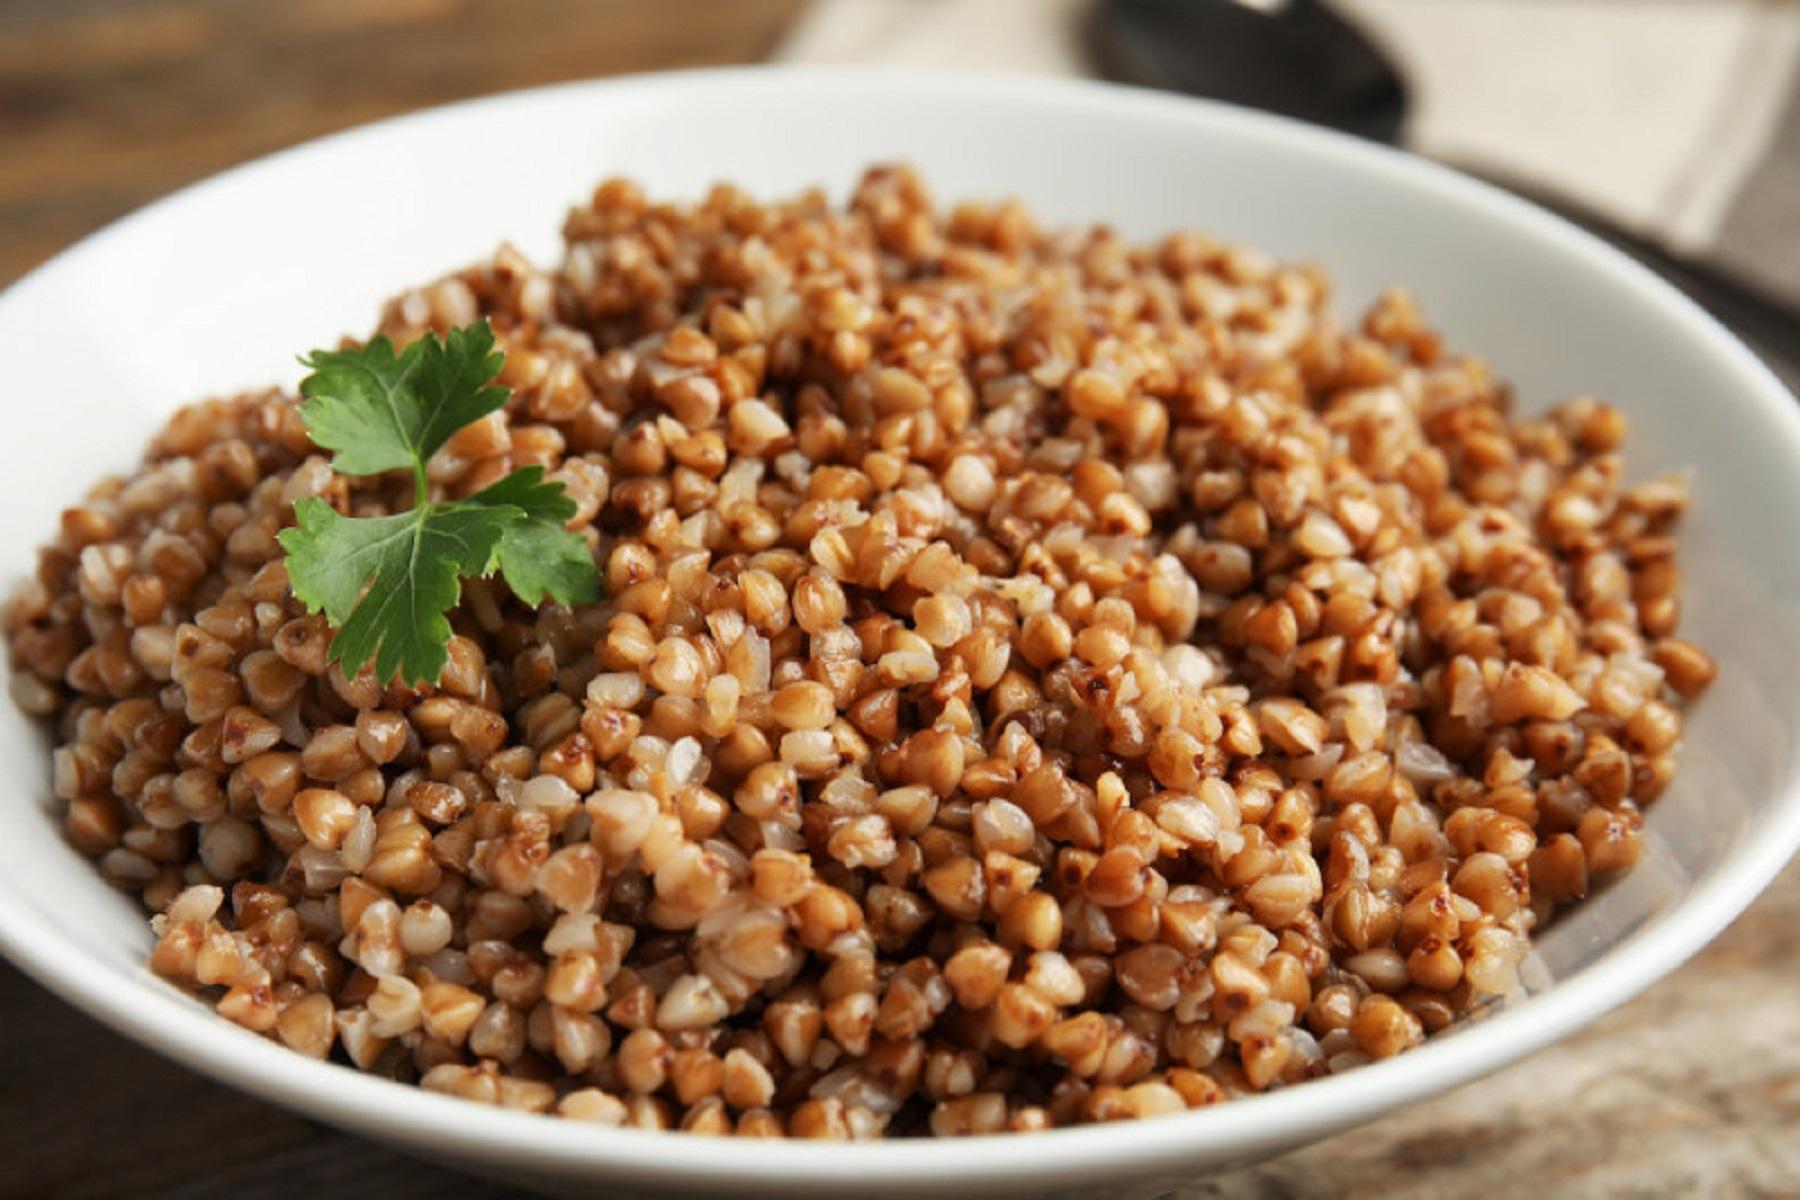 Διατροφή Φυτική: Απαραίτητη πρωτεΐνη που χρειάζεται ο οργανισμός ανά κιλό σωματικού βάρους